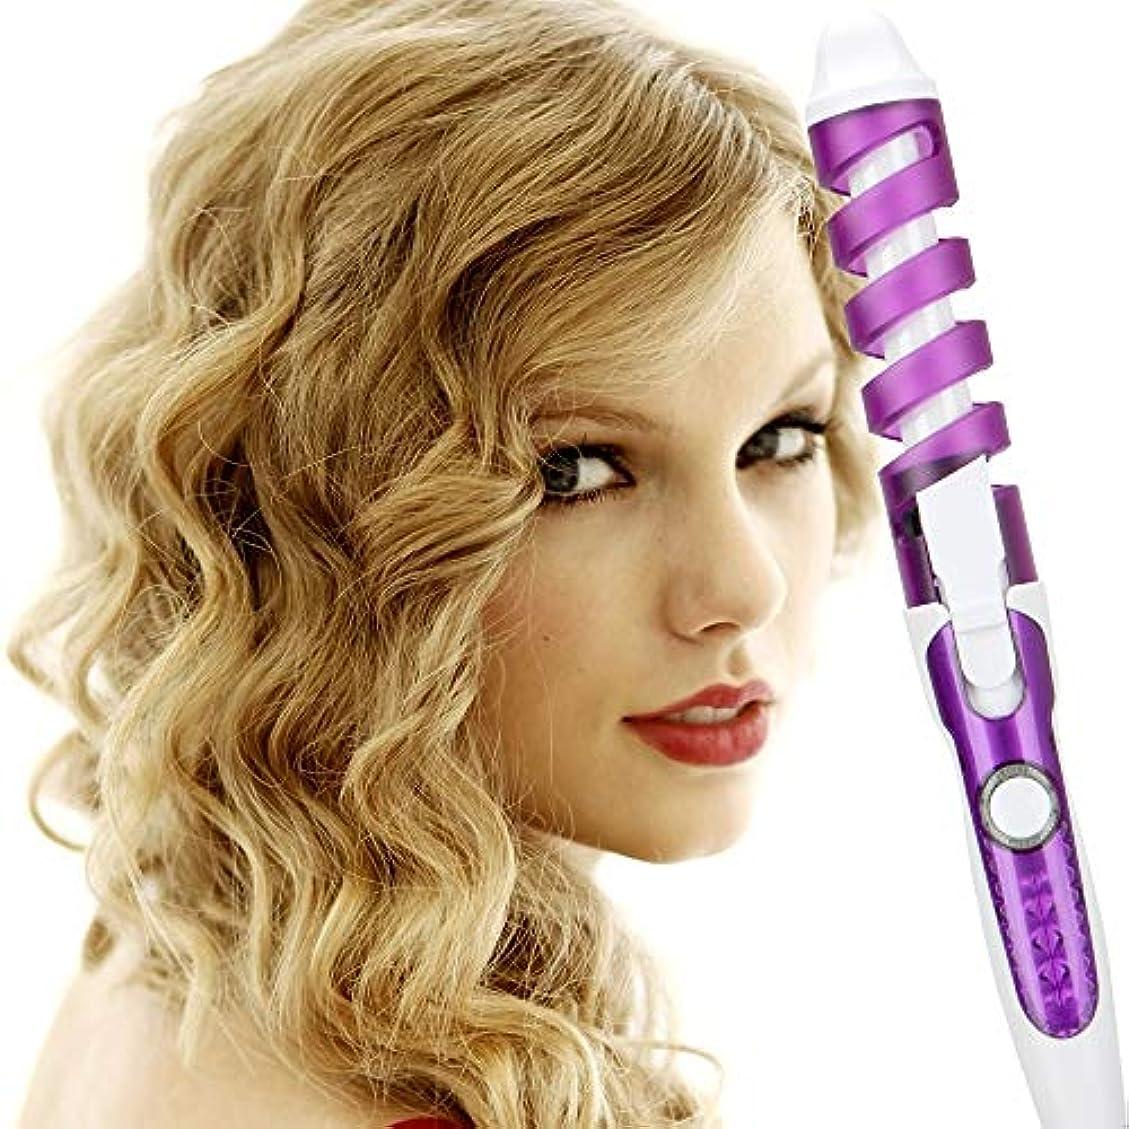 科学的開いた夢プロヘアカーラーローラースパイラルカーリングアイロンサロンカーリングワンド高速加熱電気プロヘアスタイラー美容スタイリングツール,紫色